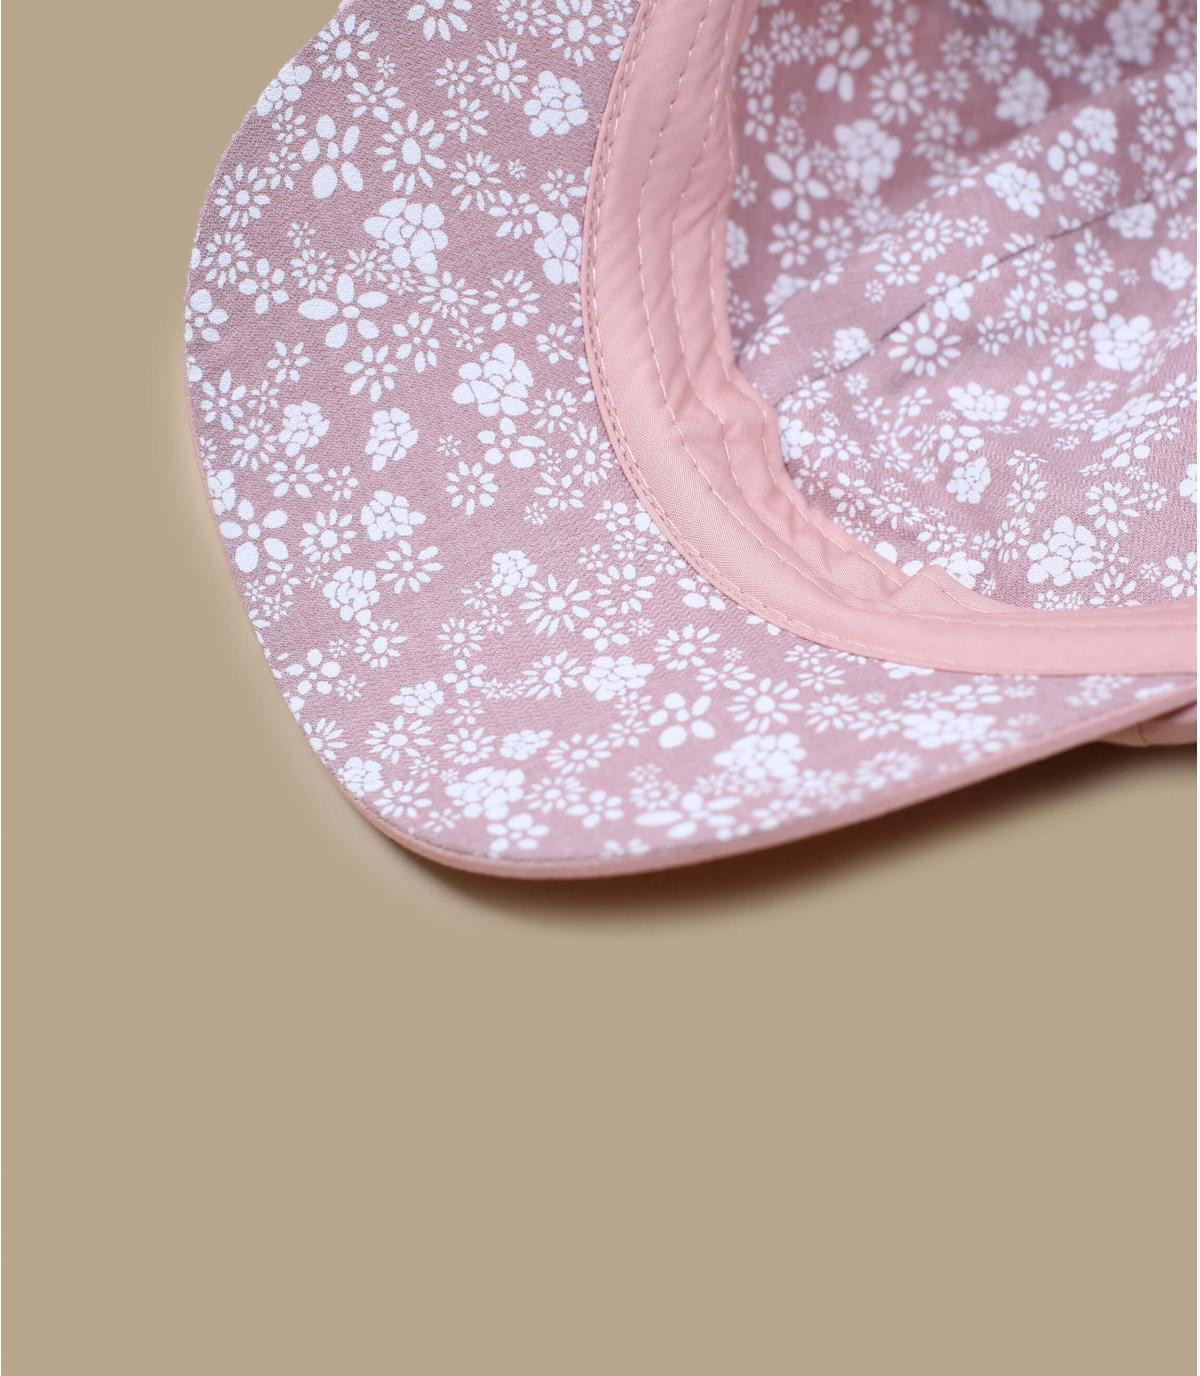 Détails Wupper dusty pink - image 4